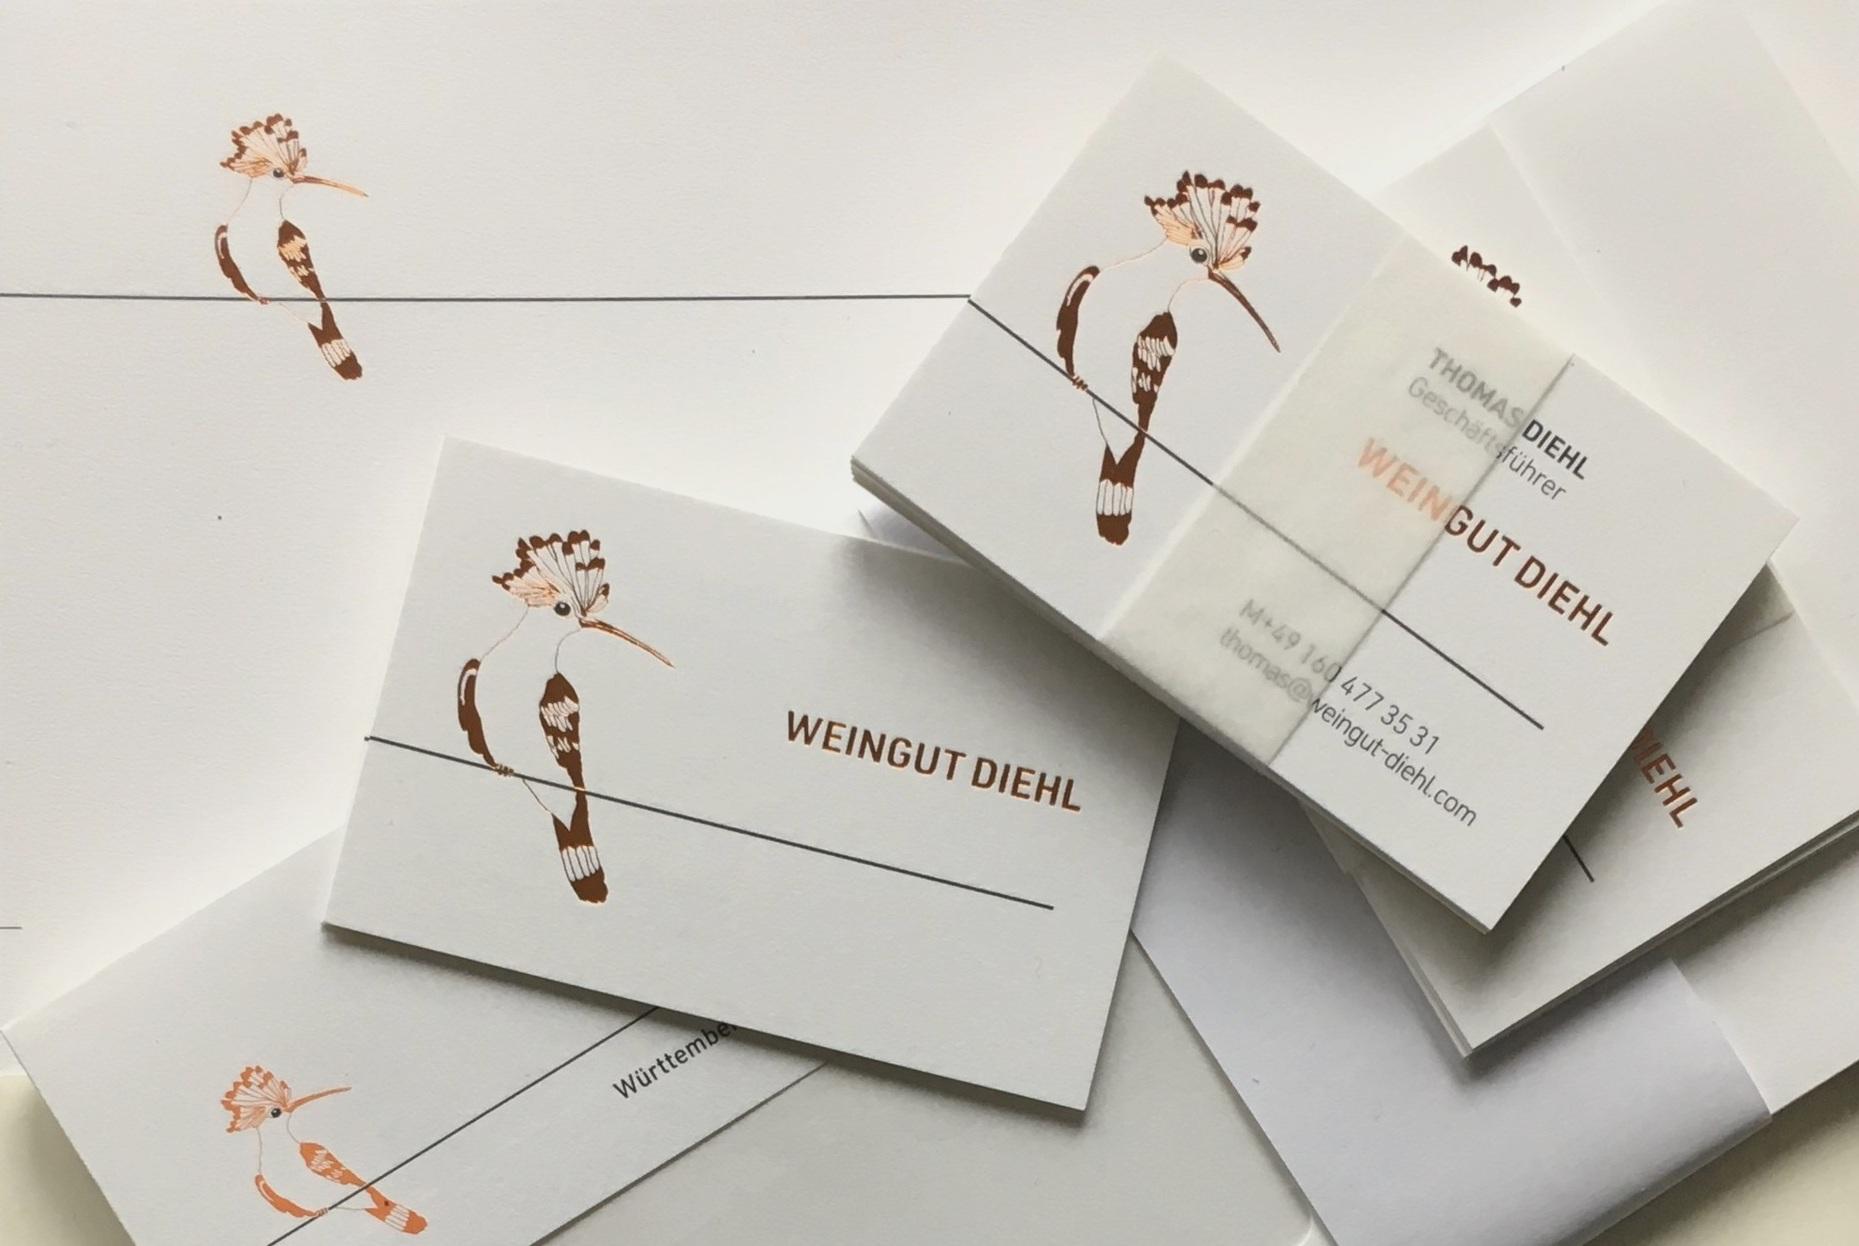 Weingut-Diehl-Visitenkarten-und-Briefpapier-mit-Wiedehopf-Design-Sabine-Mescher.jpg